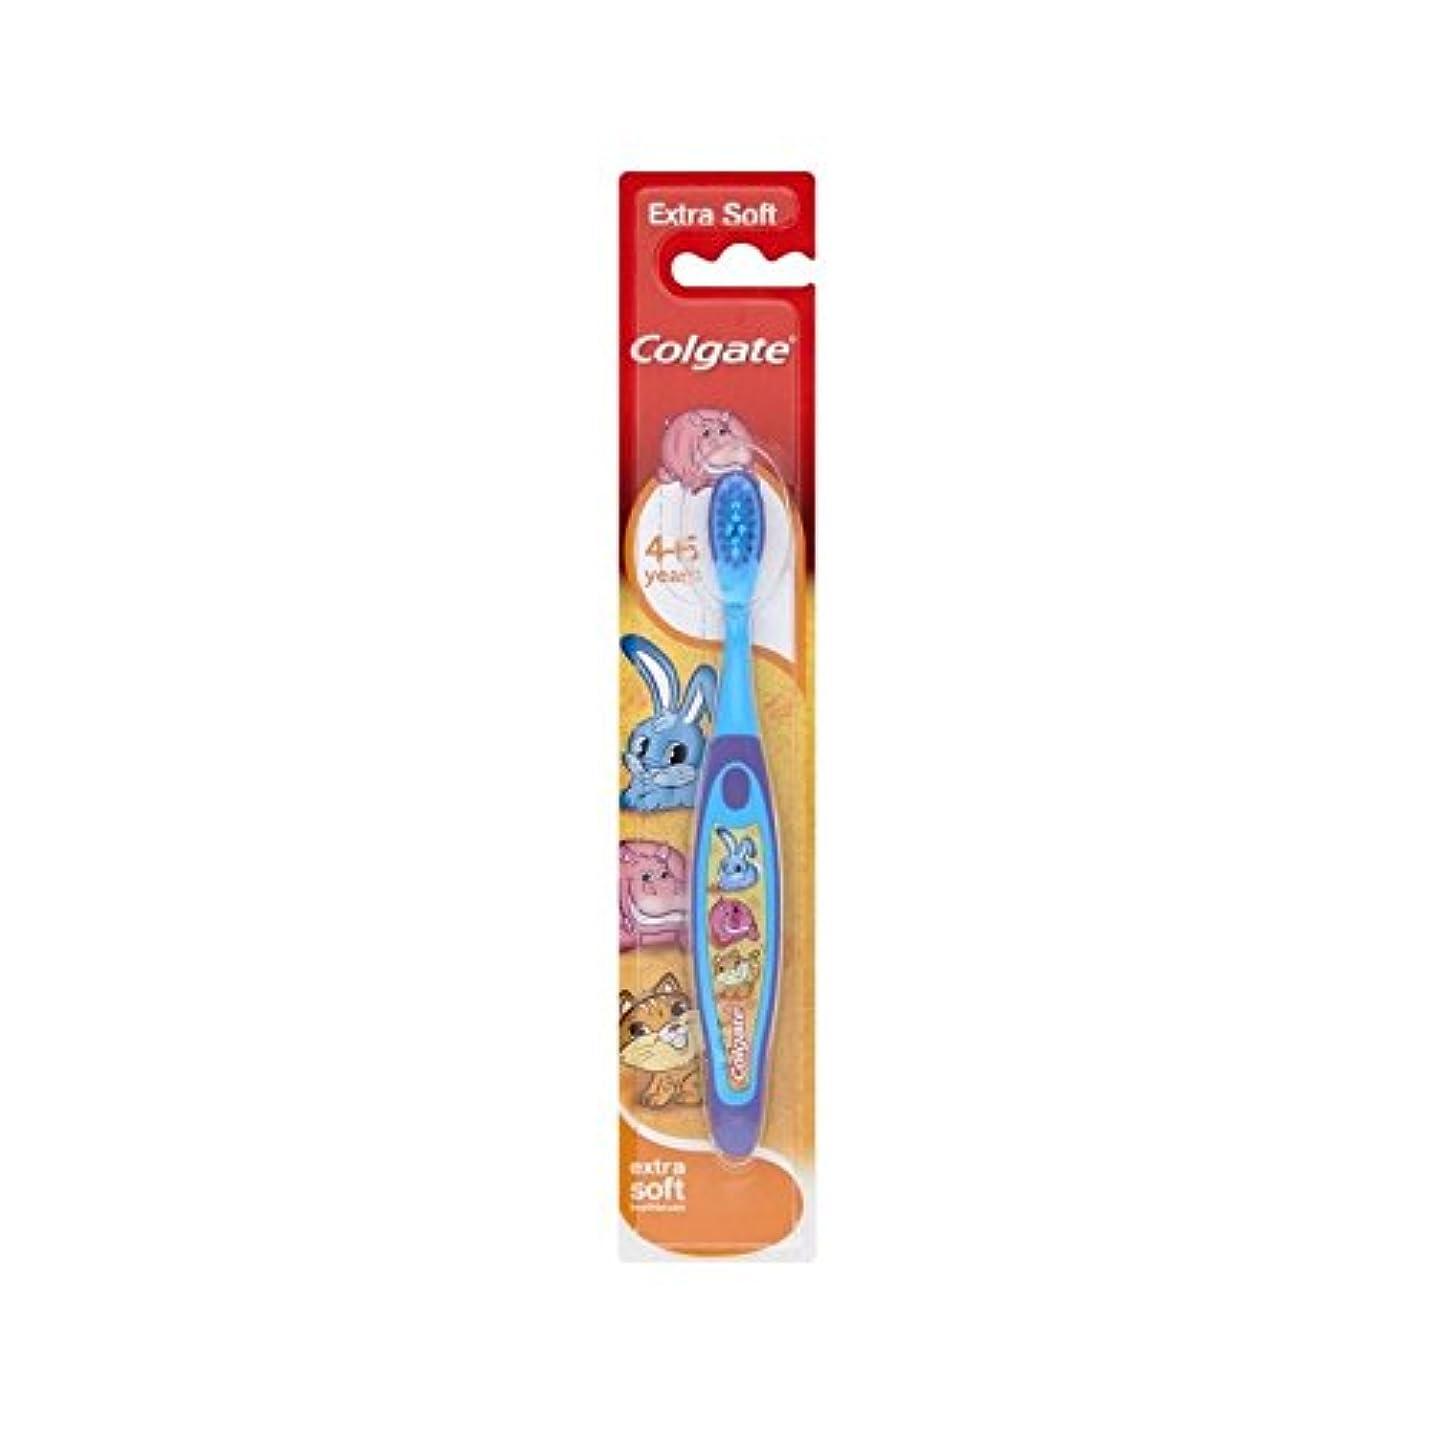 ひいきにする楽観指定する4-6歳の歯ブラシを笑顔 (Colgate) - Colgate Smiles 4-6 Years Old Toothbrush [並行輸入品]